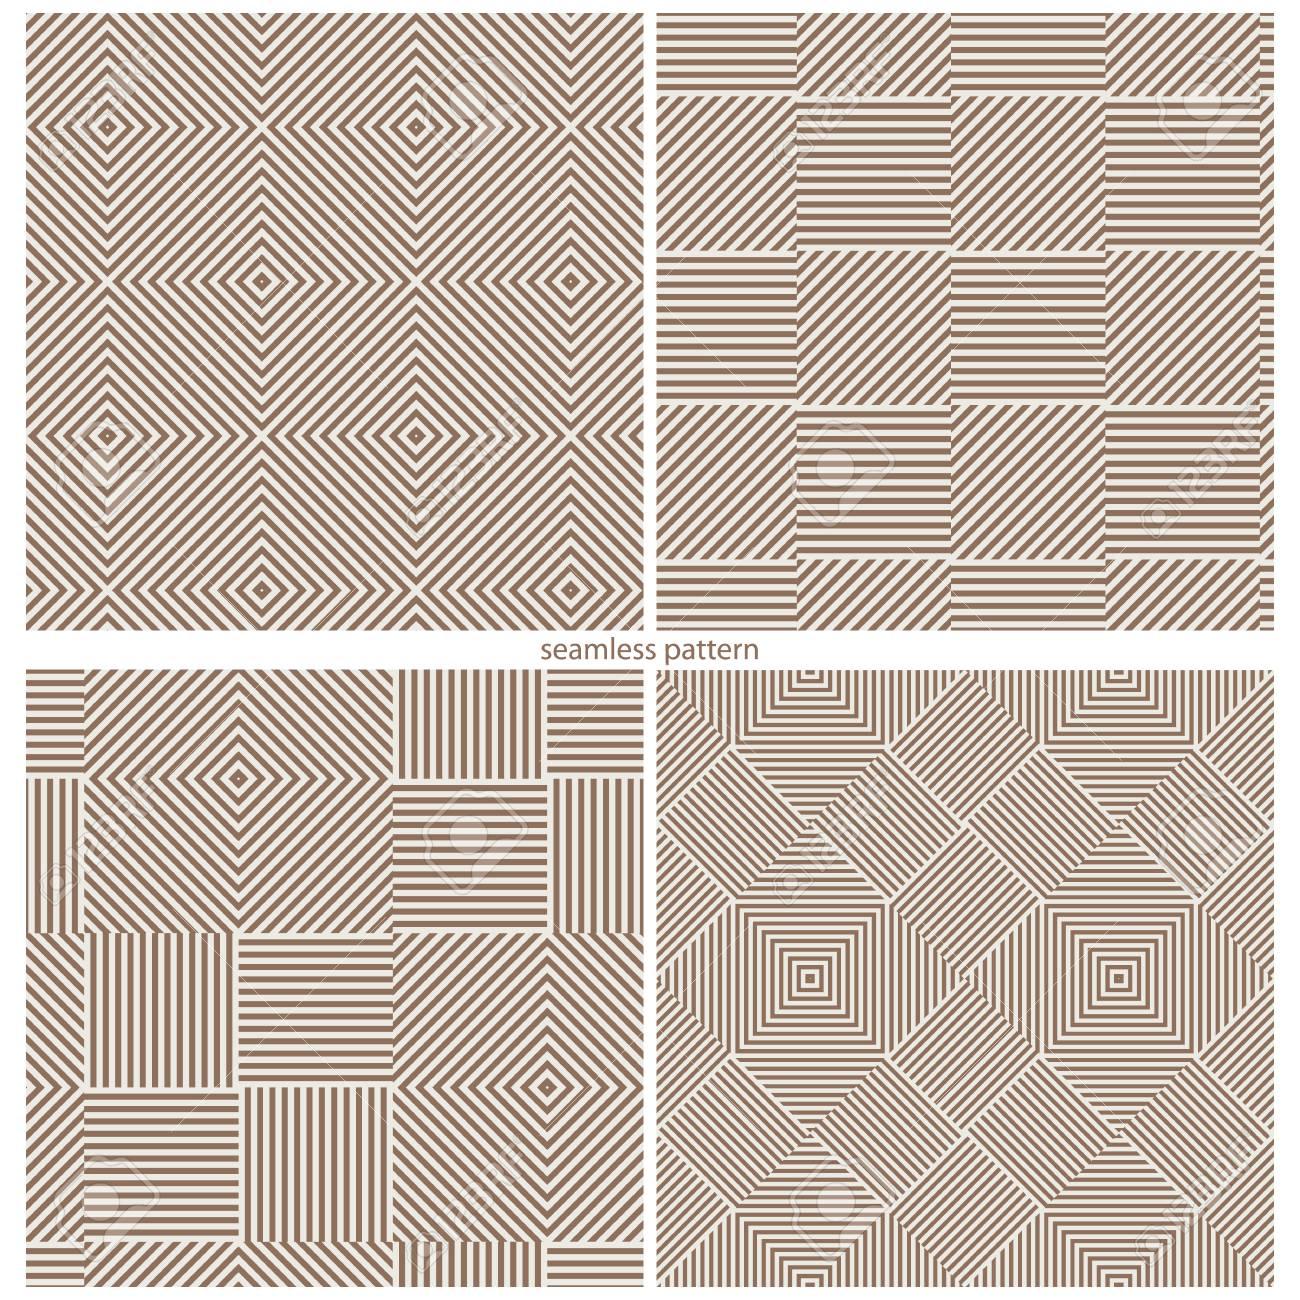 Un Conjunto De Patrones De Costura De Tiras Y Plazas. Ilustración ...